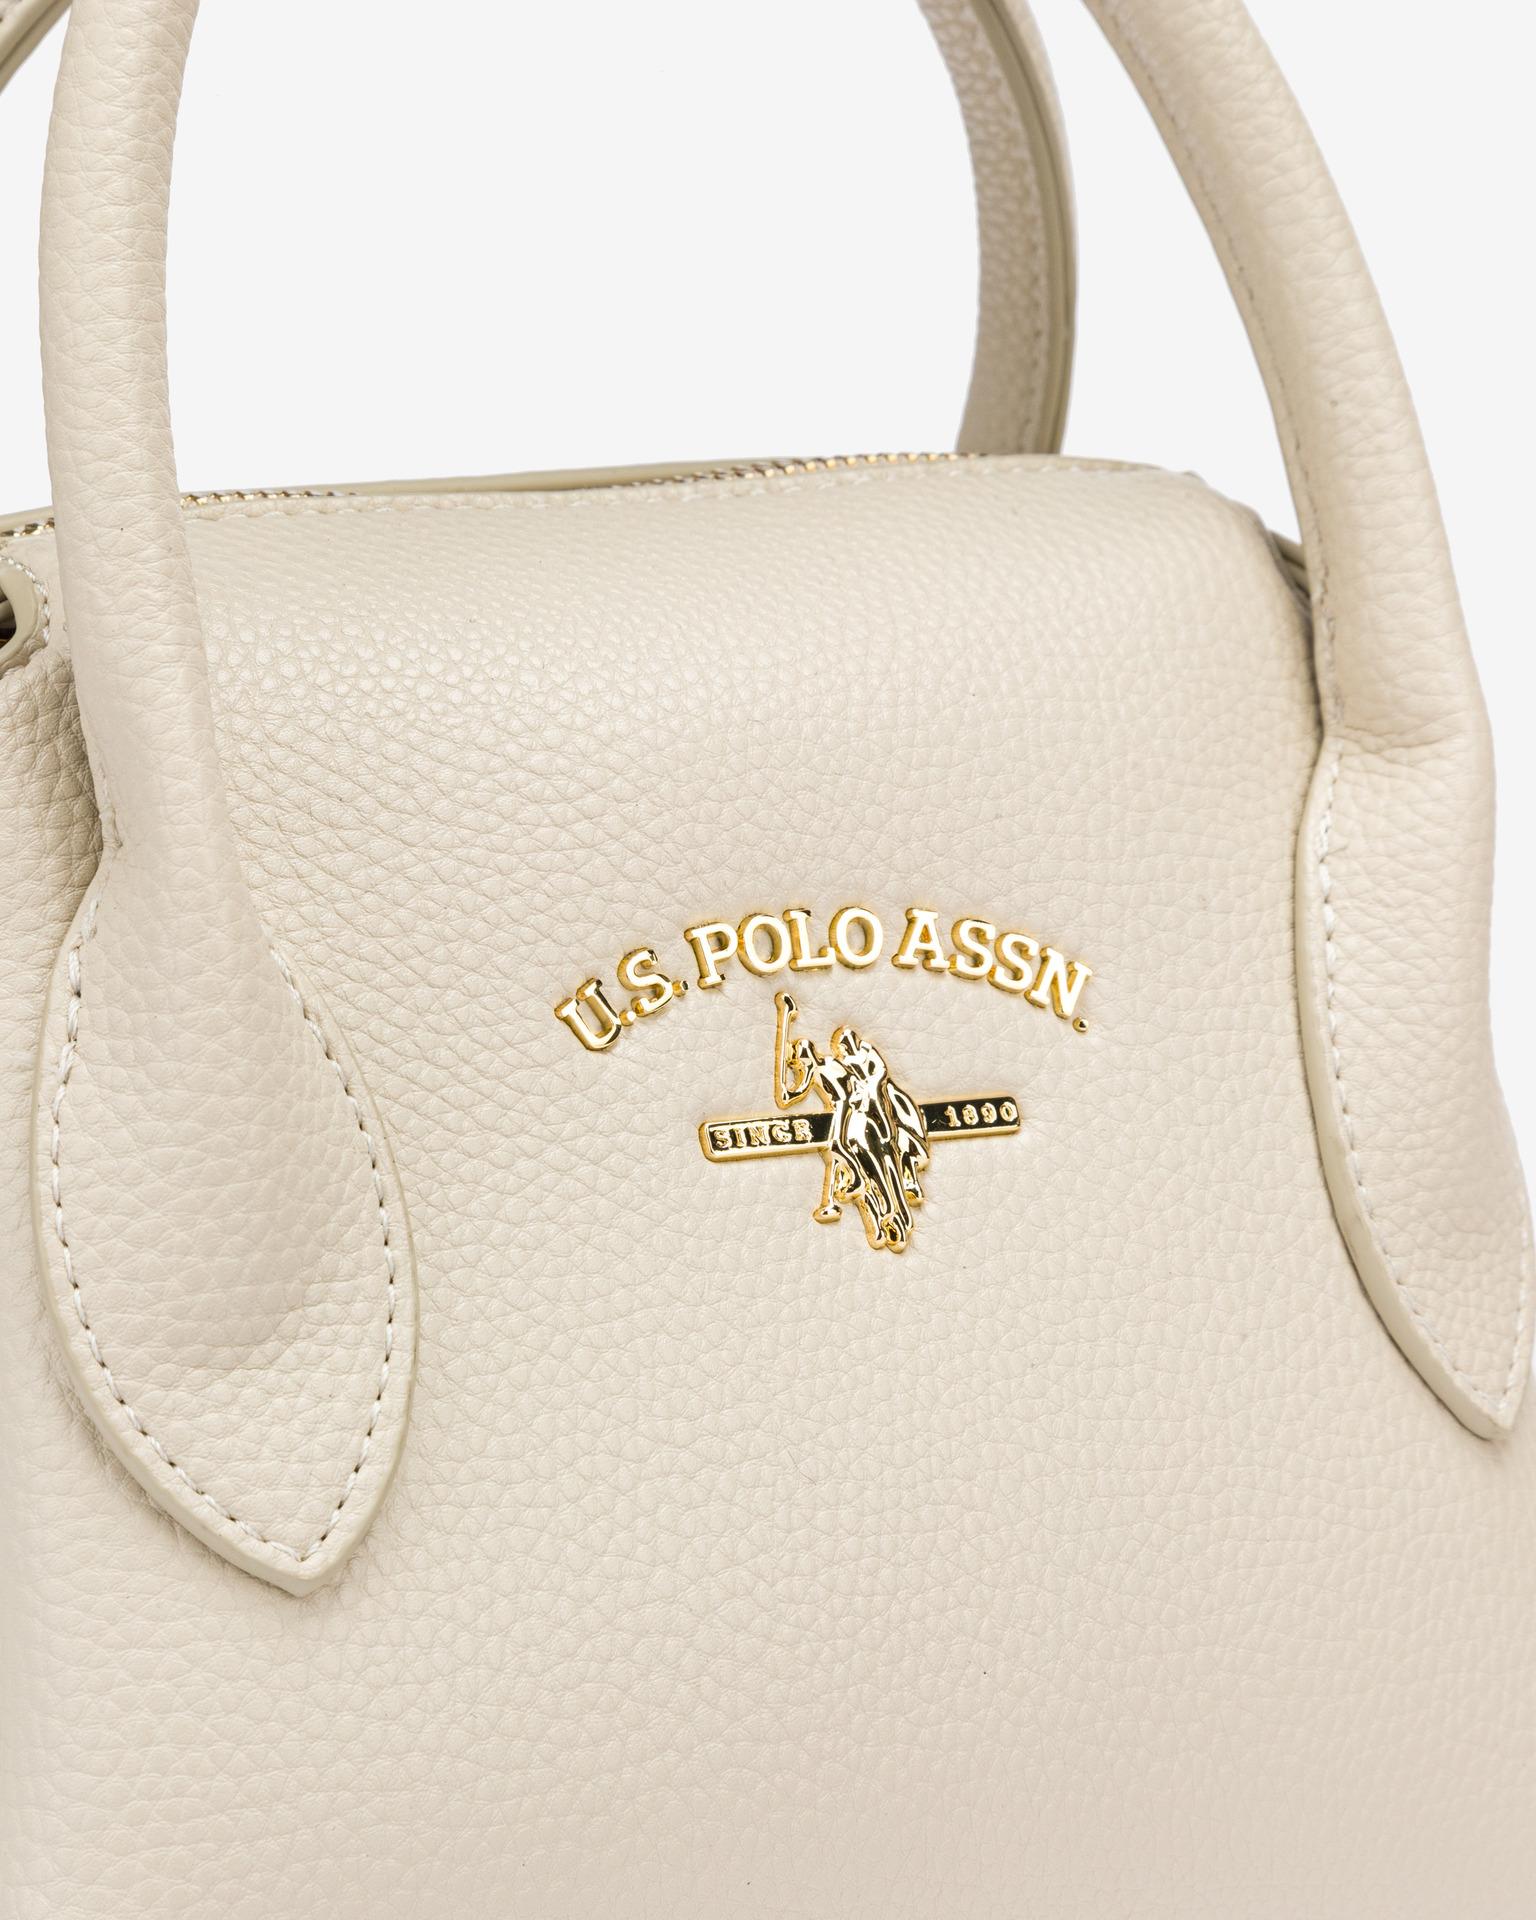 U.S. Polo Assn. Borsetta donna bianco  S